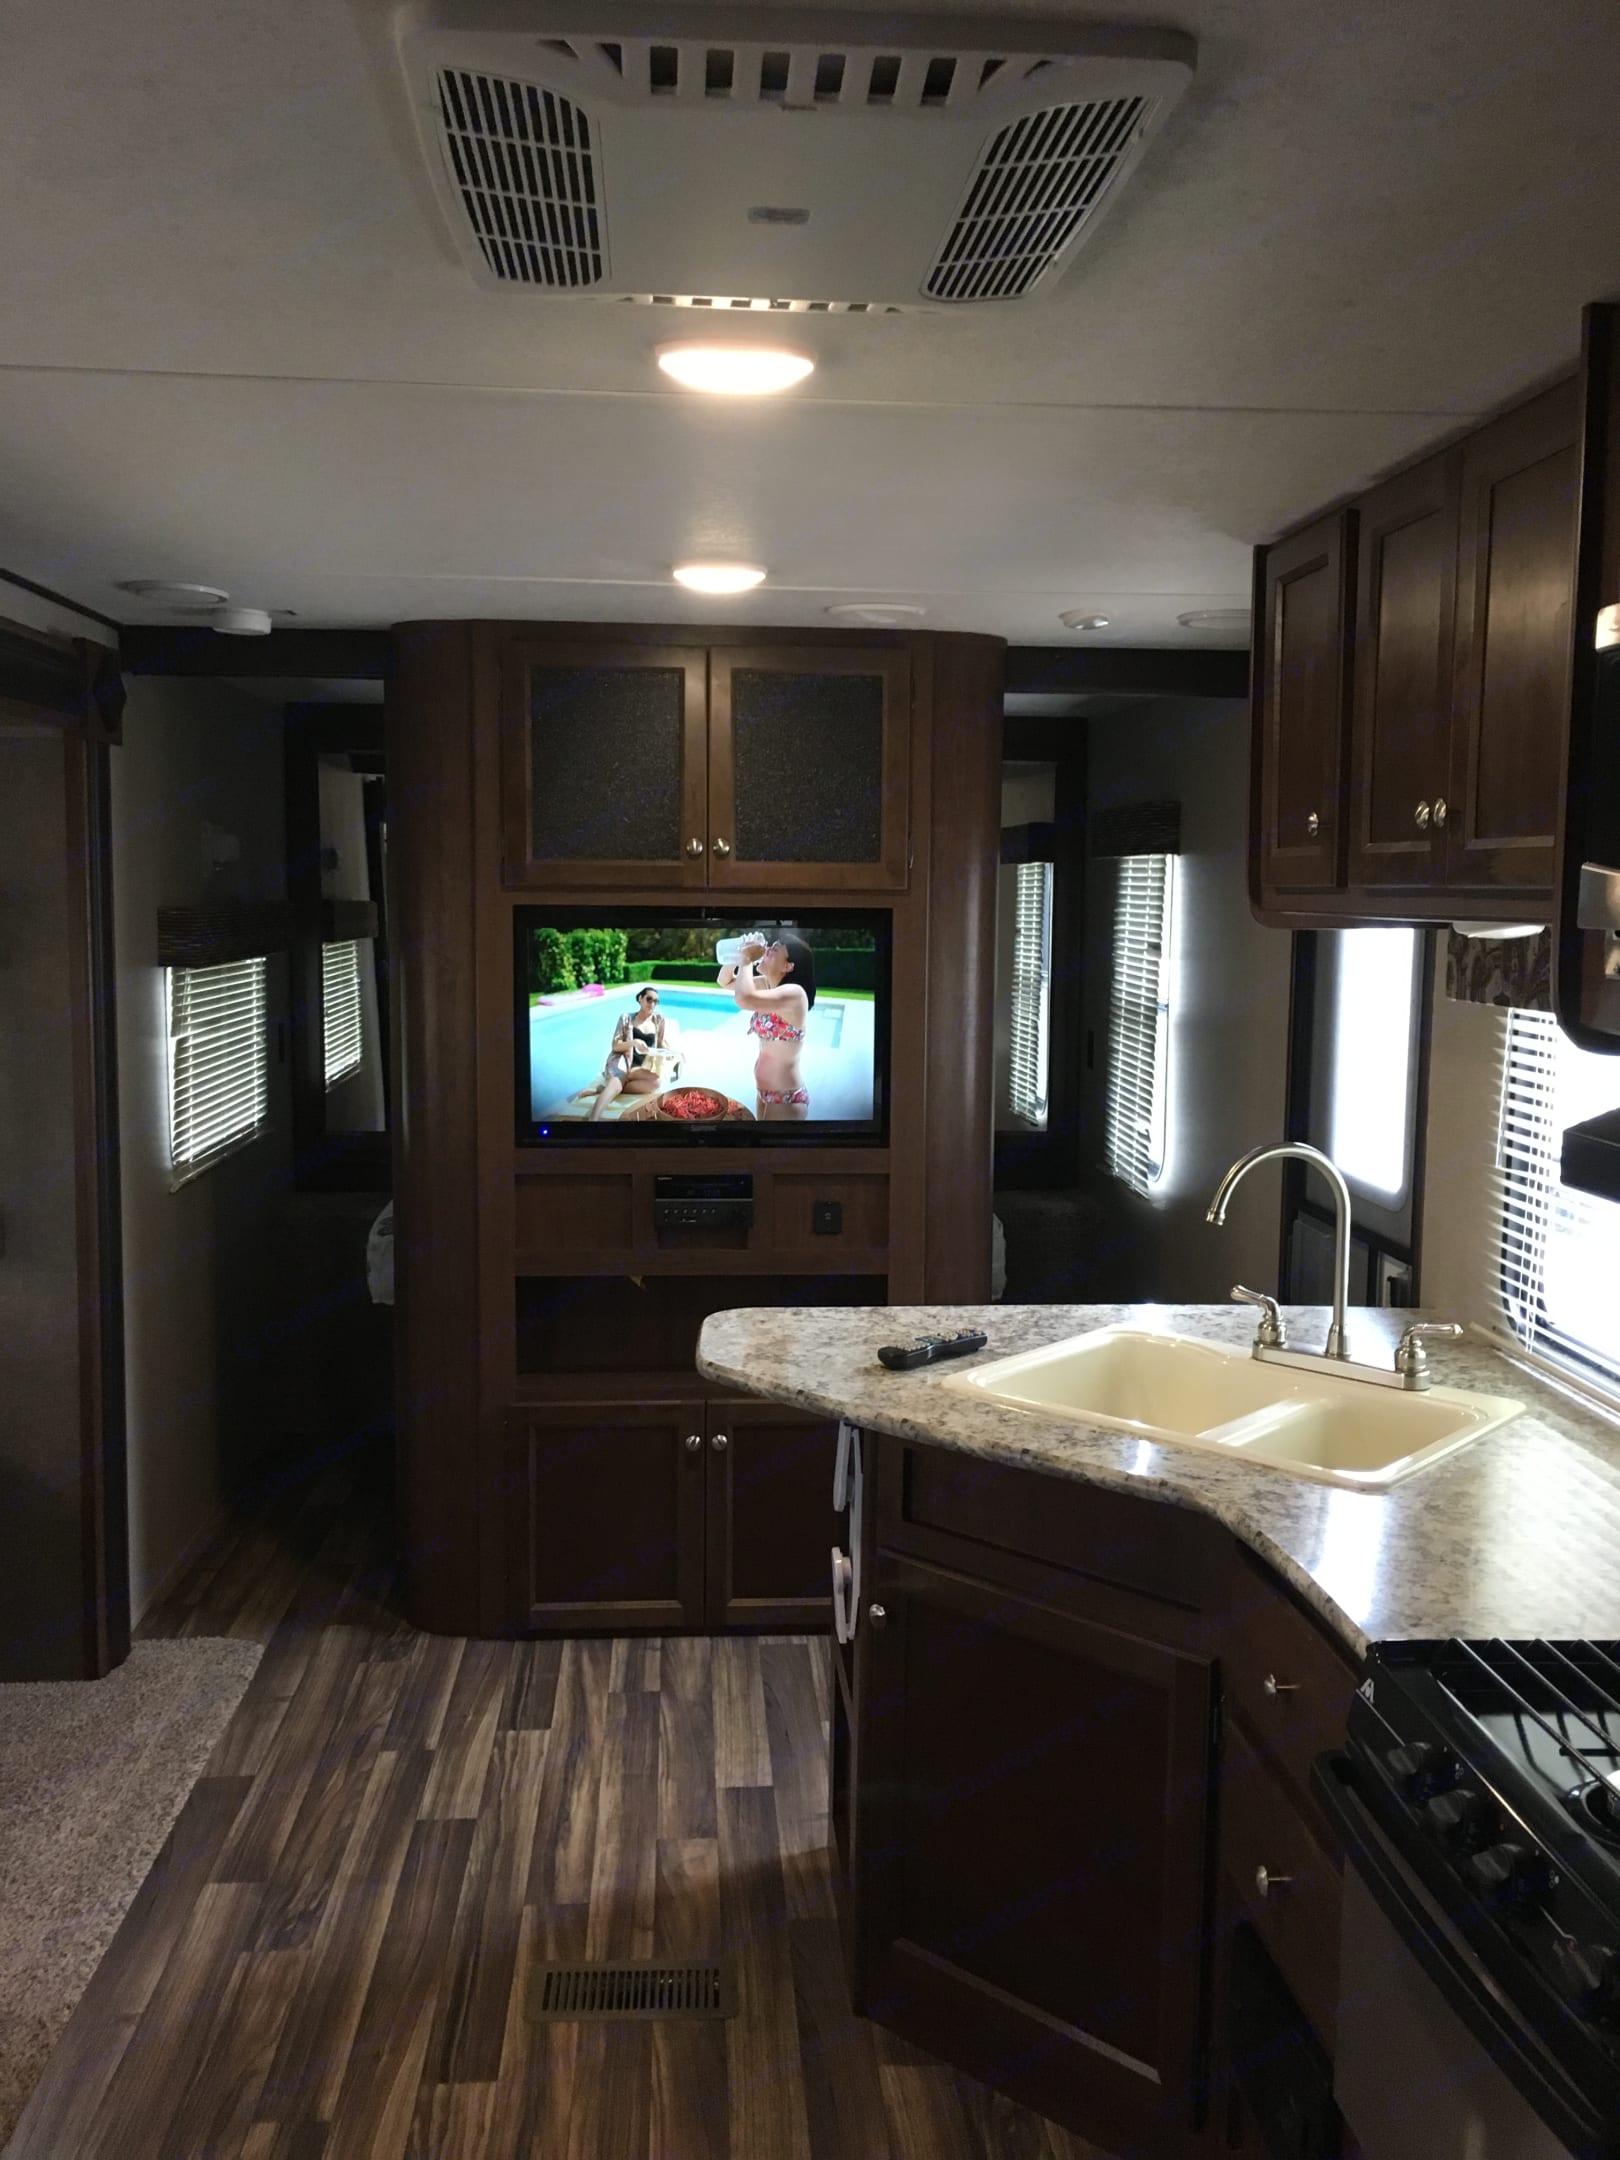 TV kitchen area. Keystone Hideout 2018